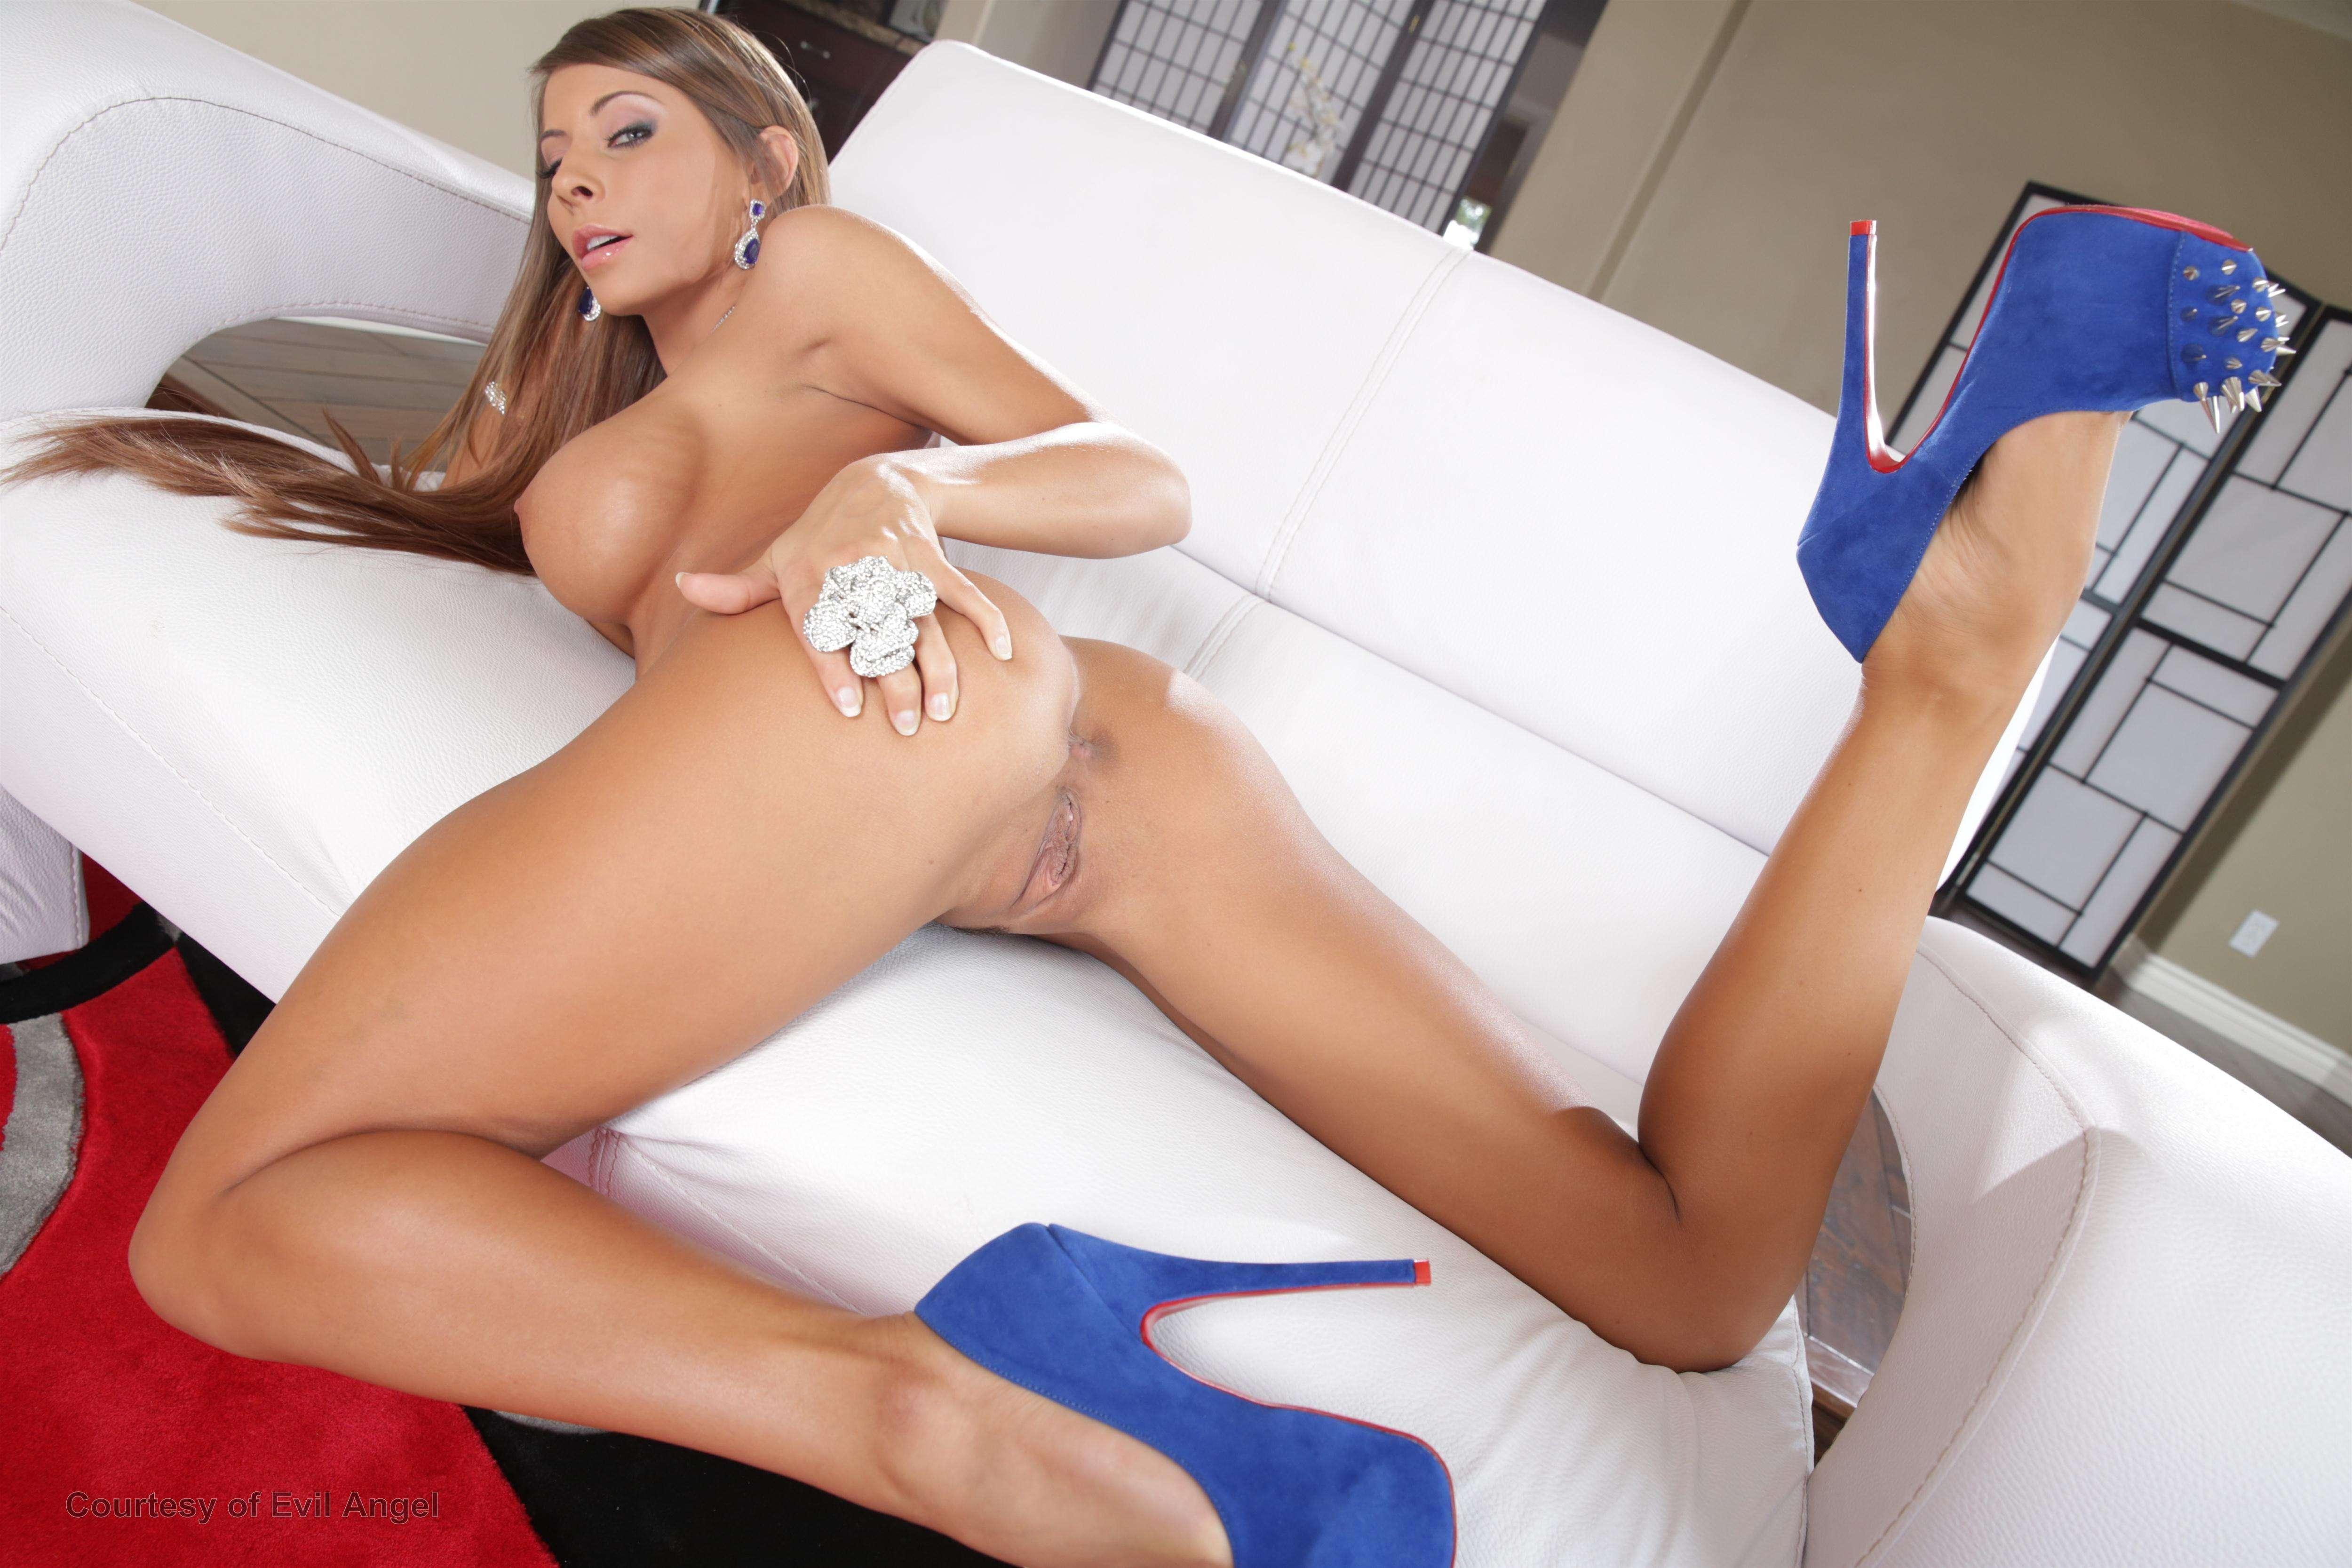 Big hard cock love most for sex scene slut pornostar